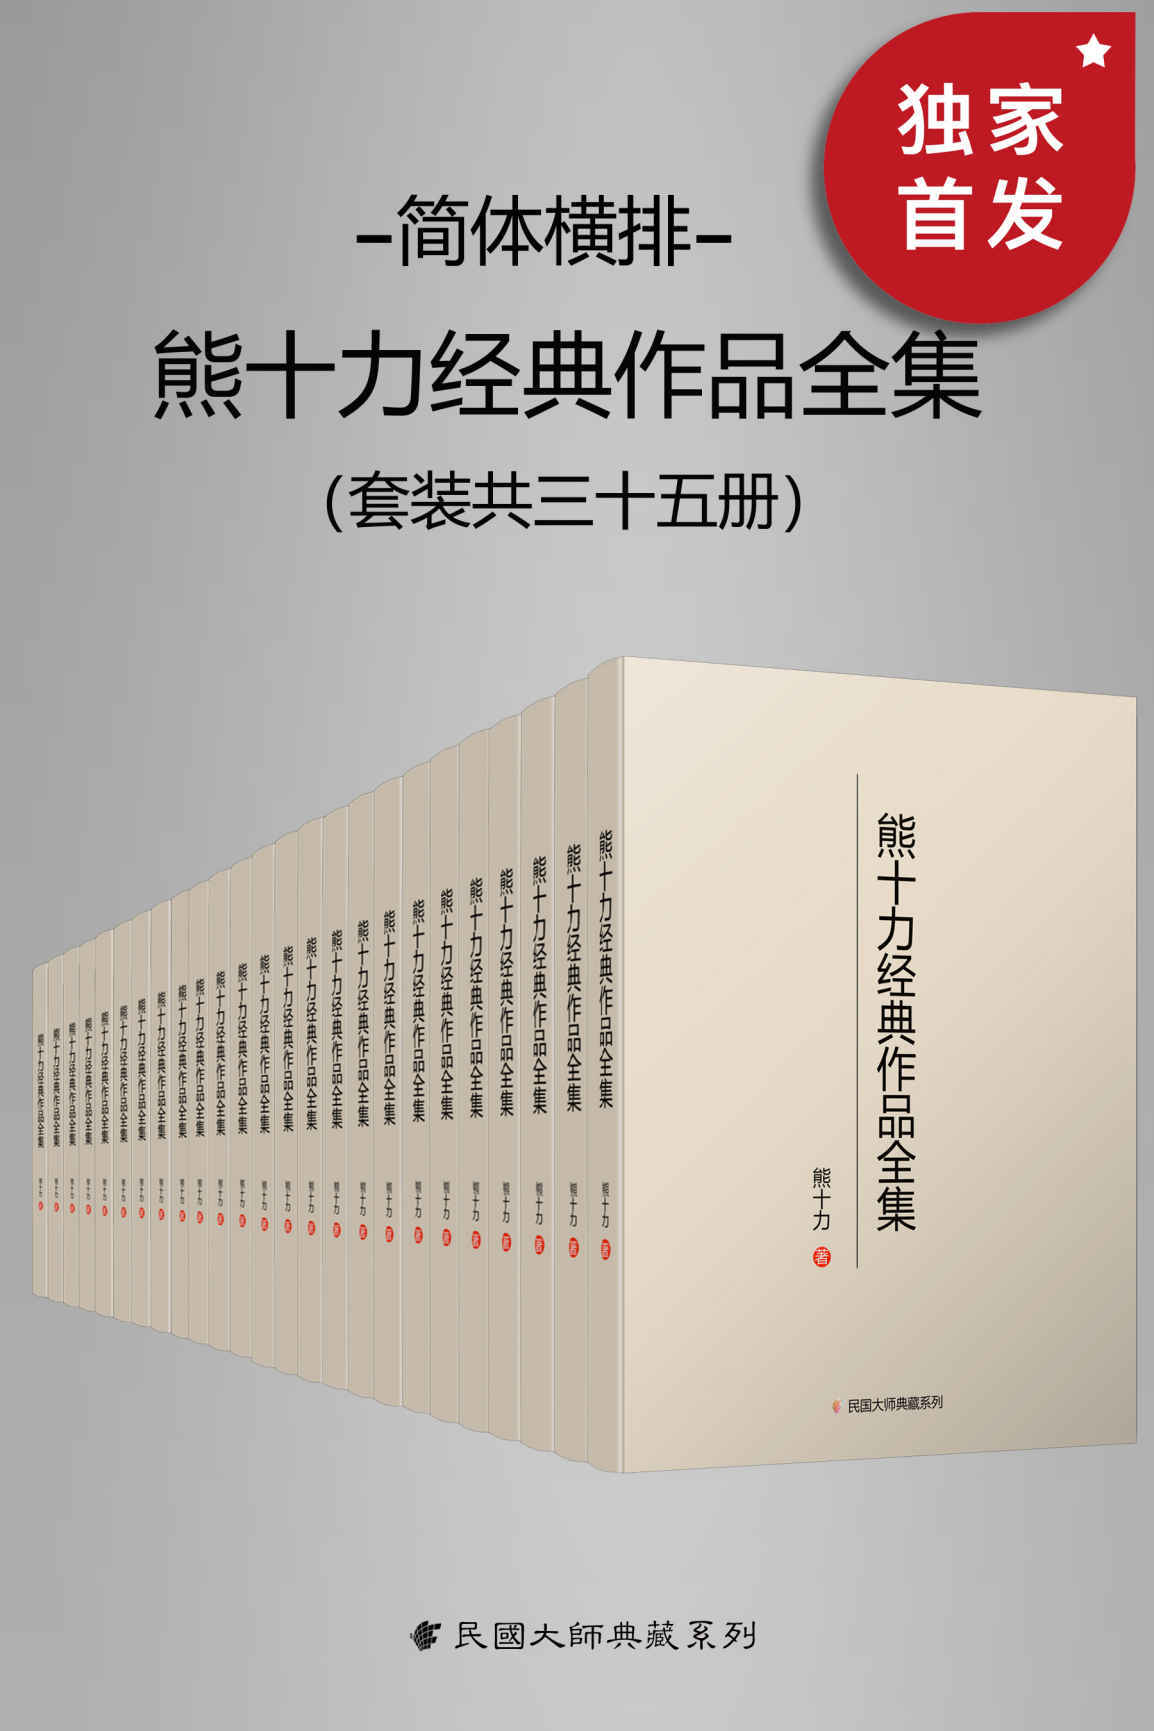 熊十力经典作品全集(简体横排本)(套装共35册)pdf-epub-mobi-txt-azw3